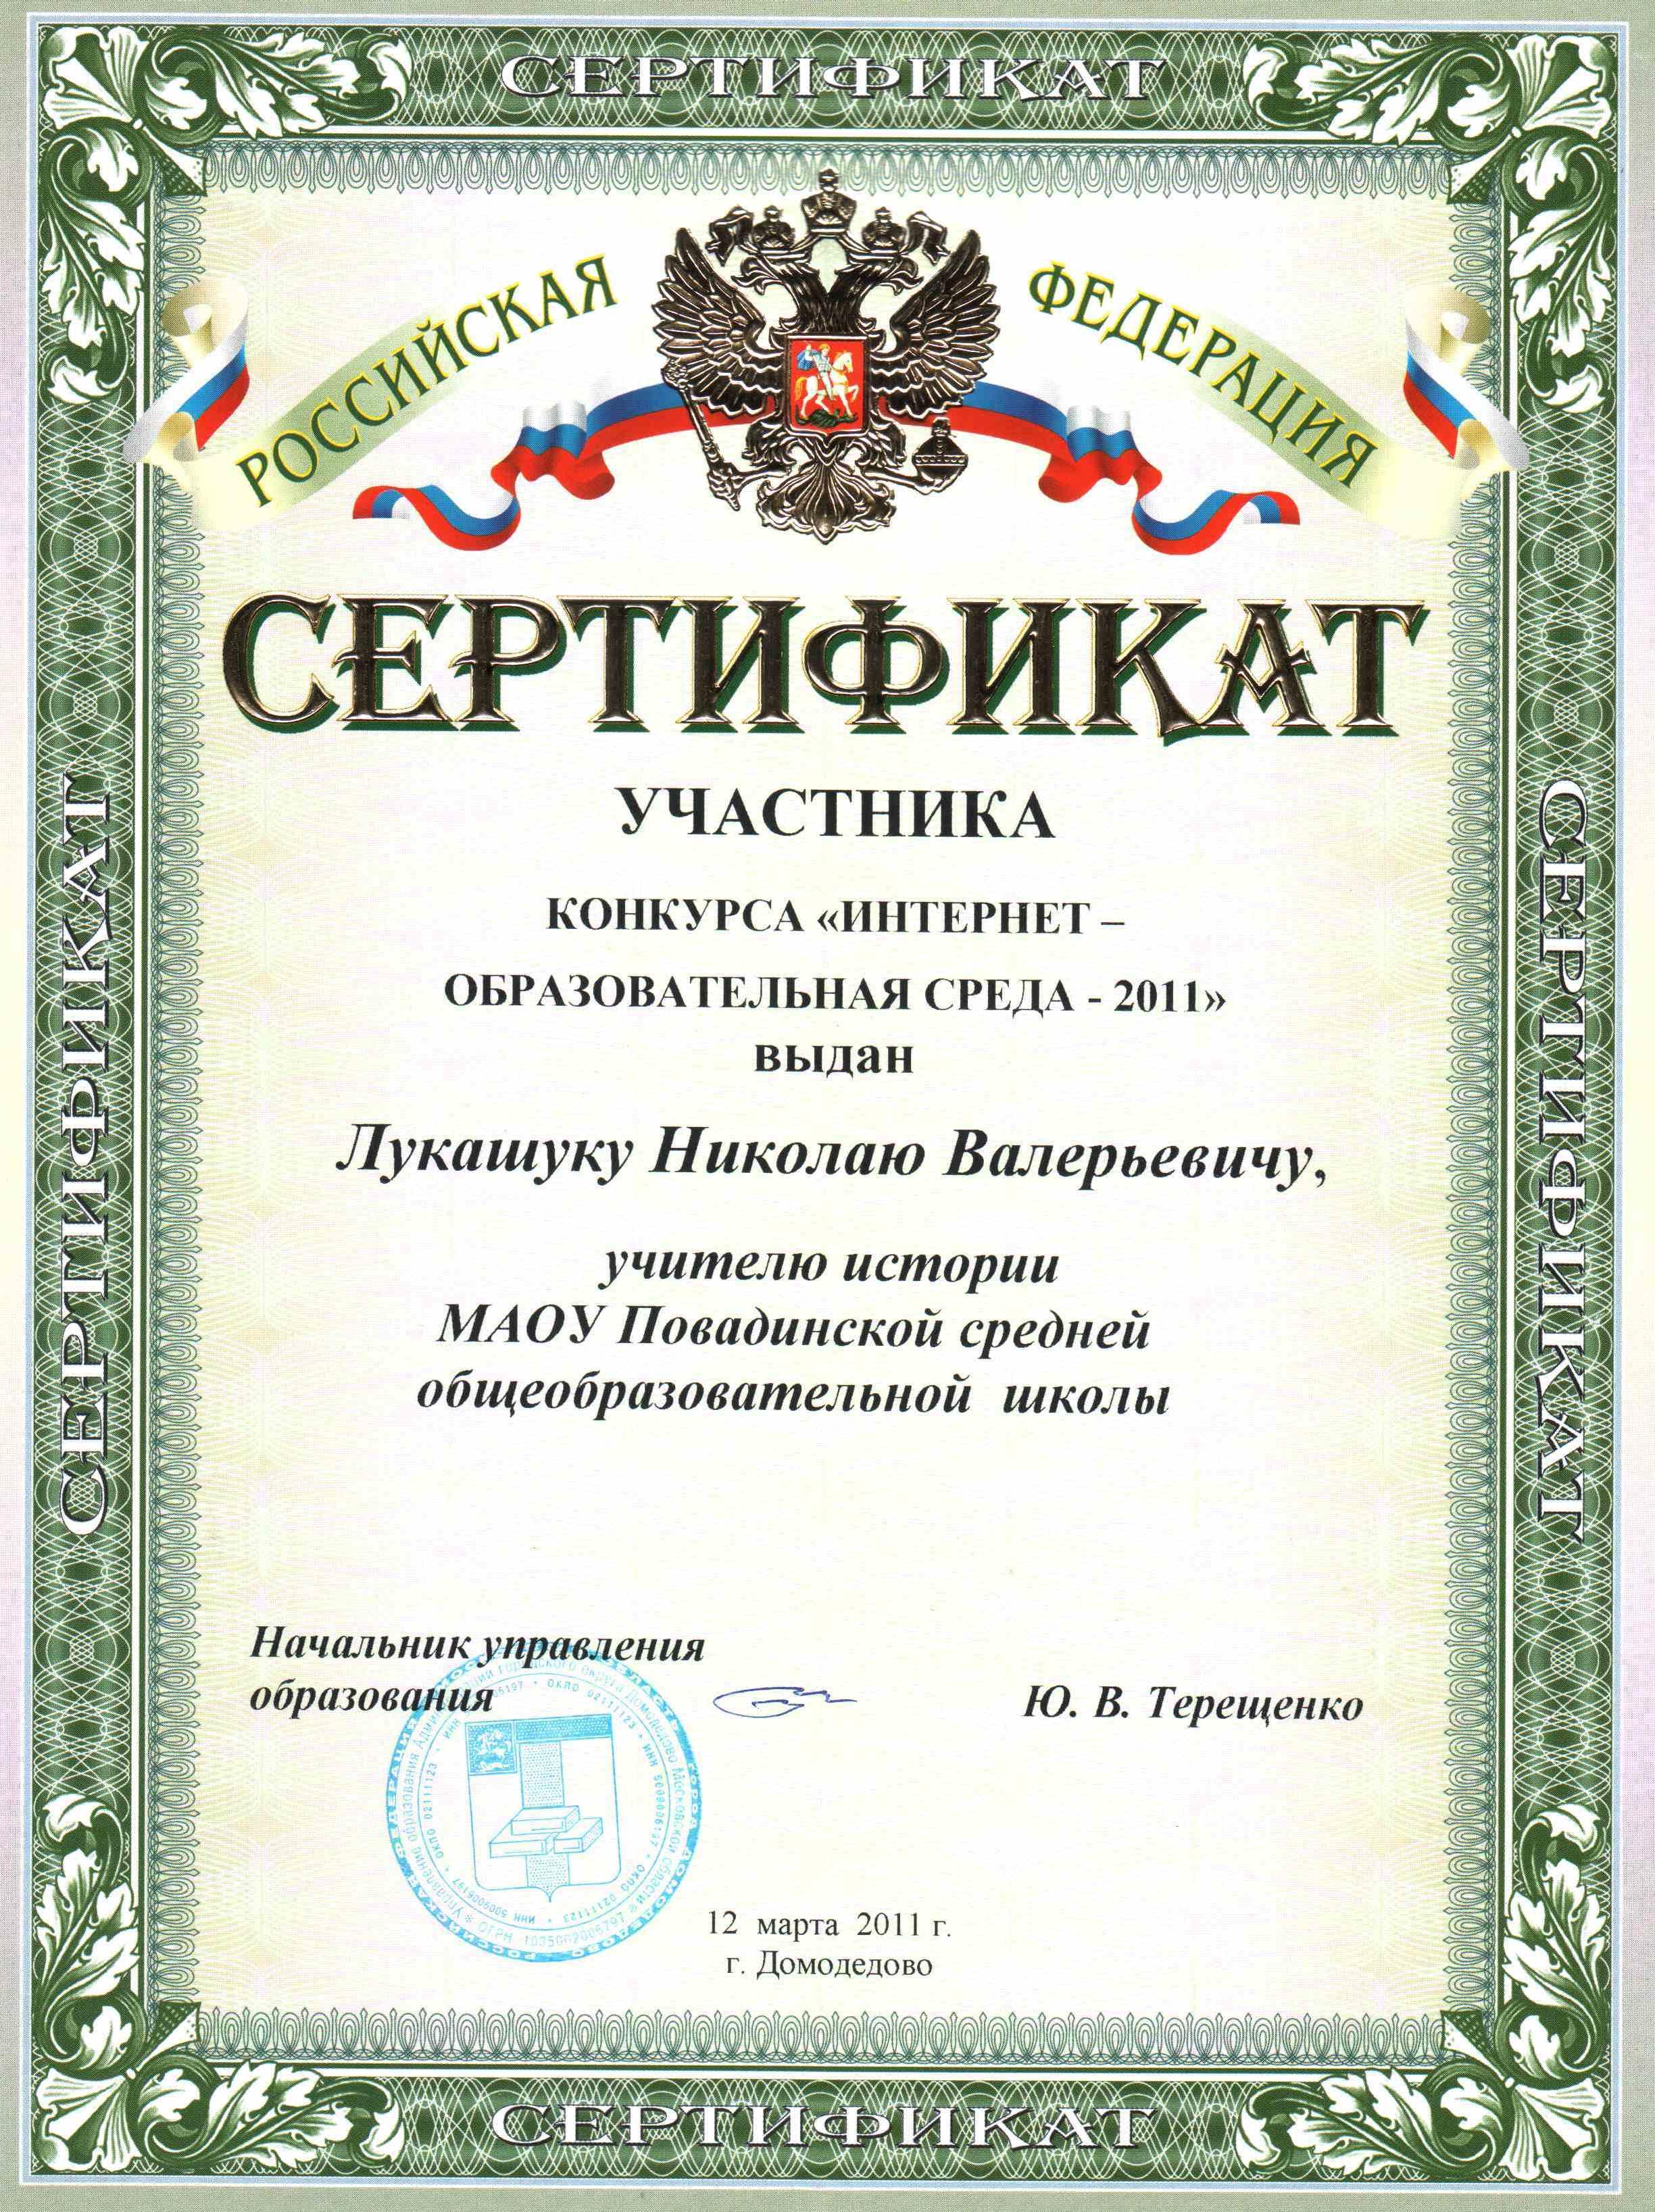 """Сертификат участника конкурса """"Интернет - образовательная среда"""""""